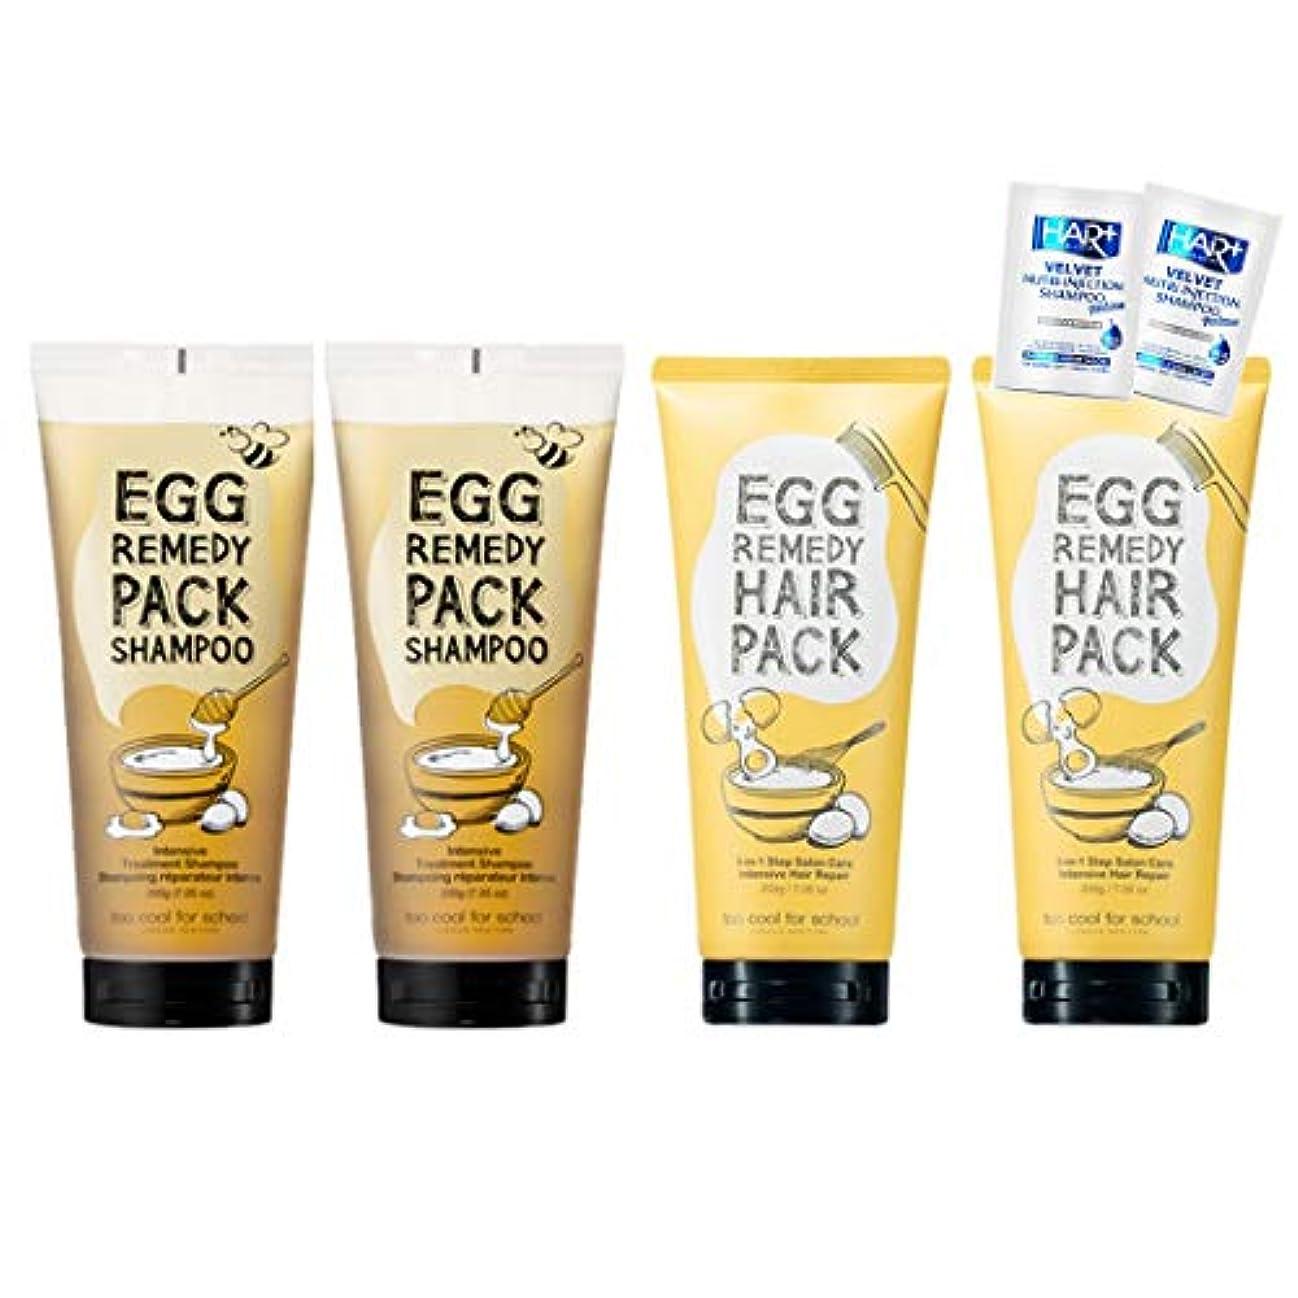 宿泊施設ヘッドレス裸トゥークールフォ―スクール(too cool for school)/エッグレミディパックシャンプーtoo cool for school Egg Remedy Pack Shampoo 200ml X 2EA + エッグレミディヘアパック...